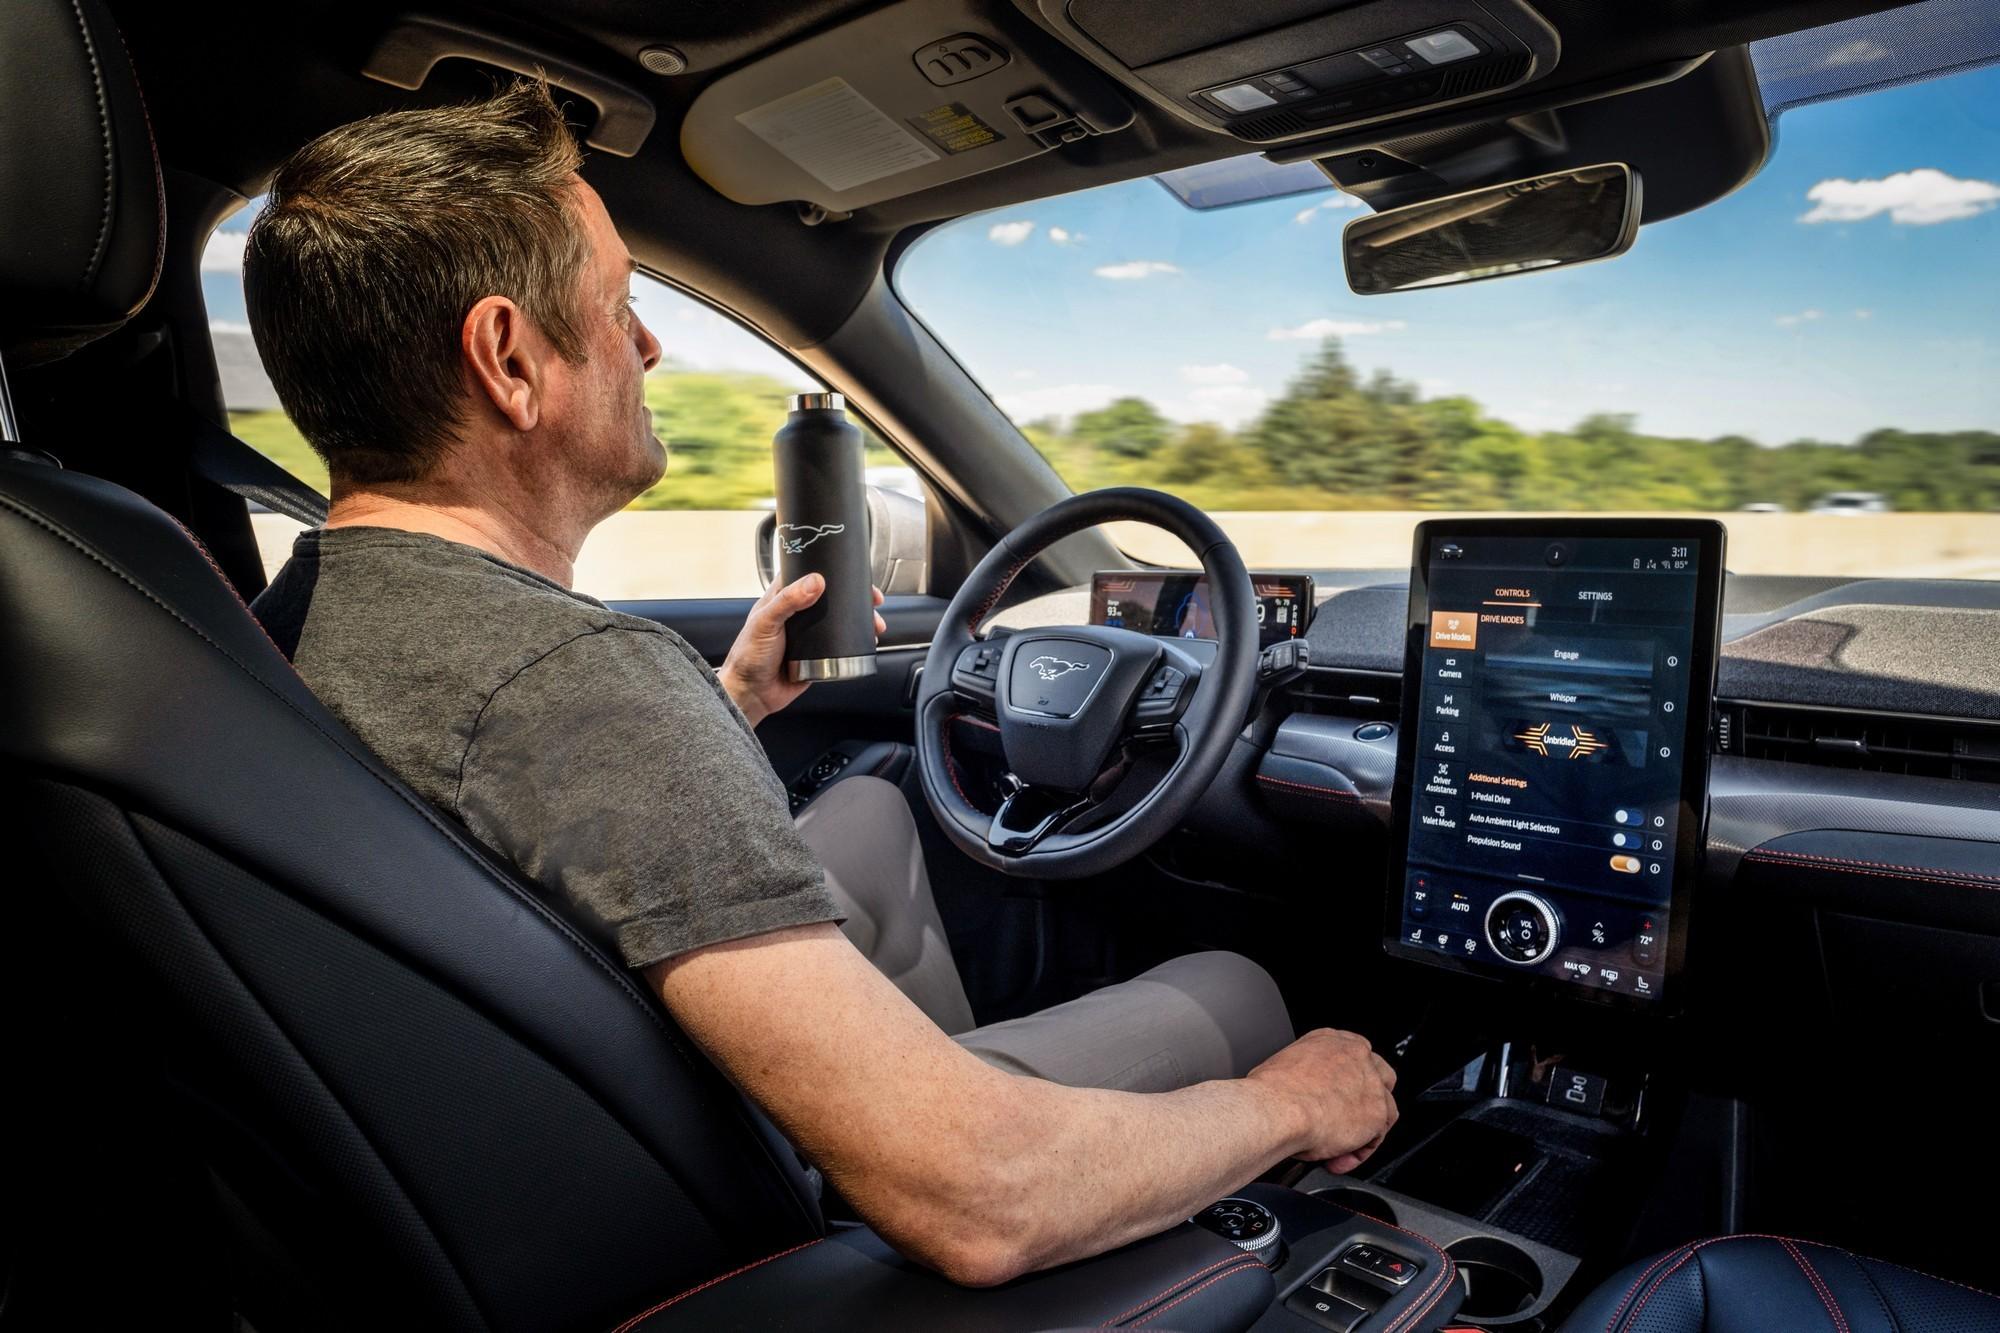 Ford представил новую систему автономного вождения Ford Co Pilot360 с возможностью движения без рук на руле первым его получит электрокроссовер Ford